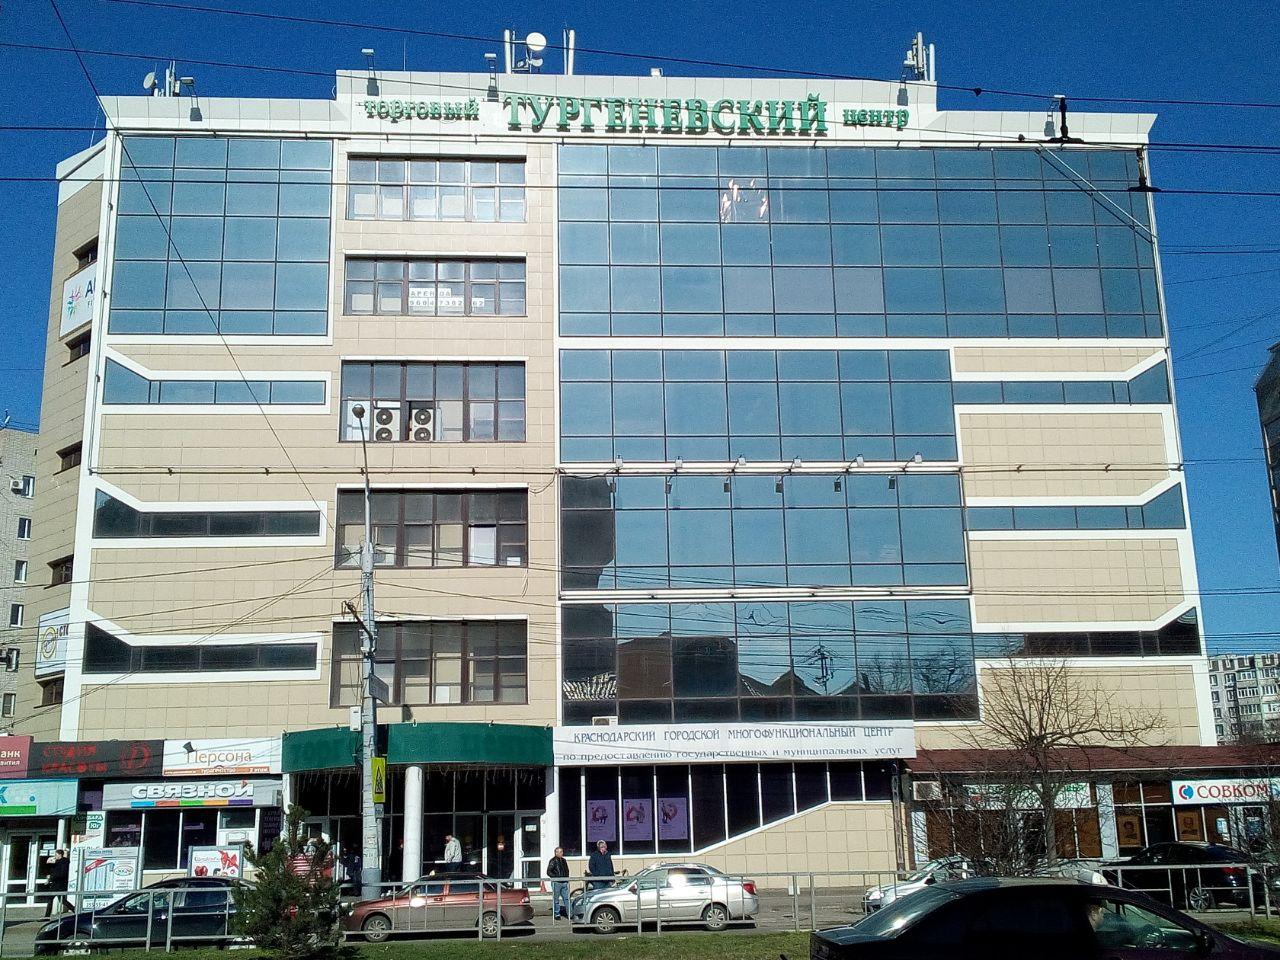 Субаренда коммерческой недвижимости в краснодаре Аренда офисных помещений Павловский 3-й переулок